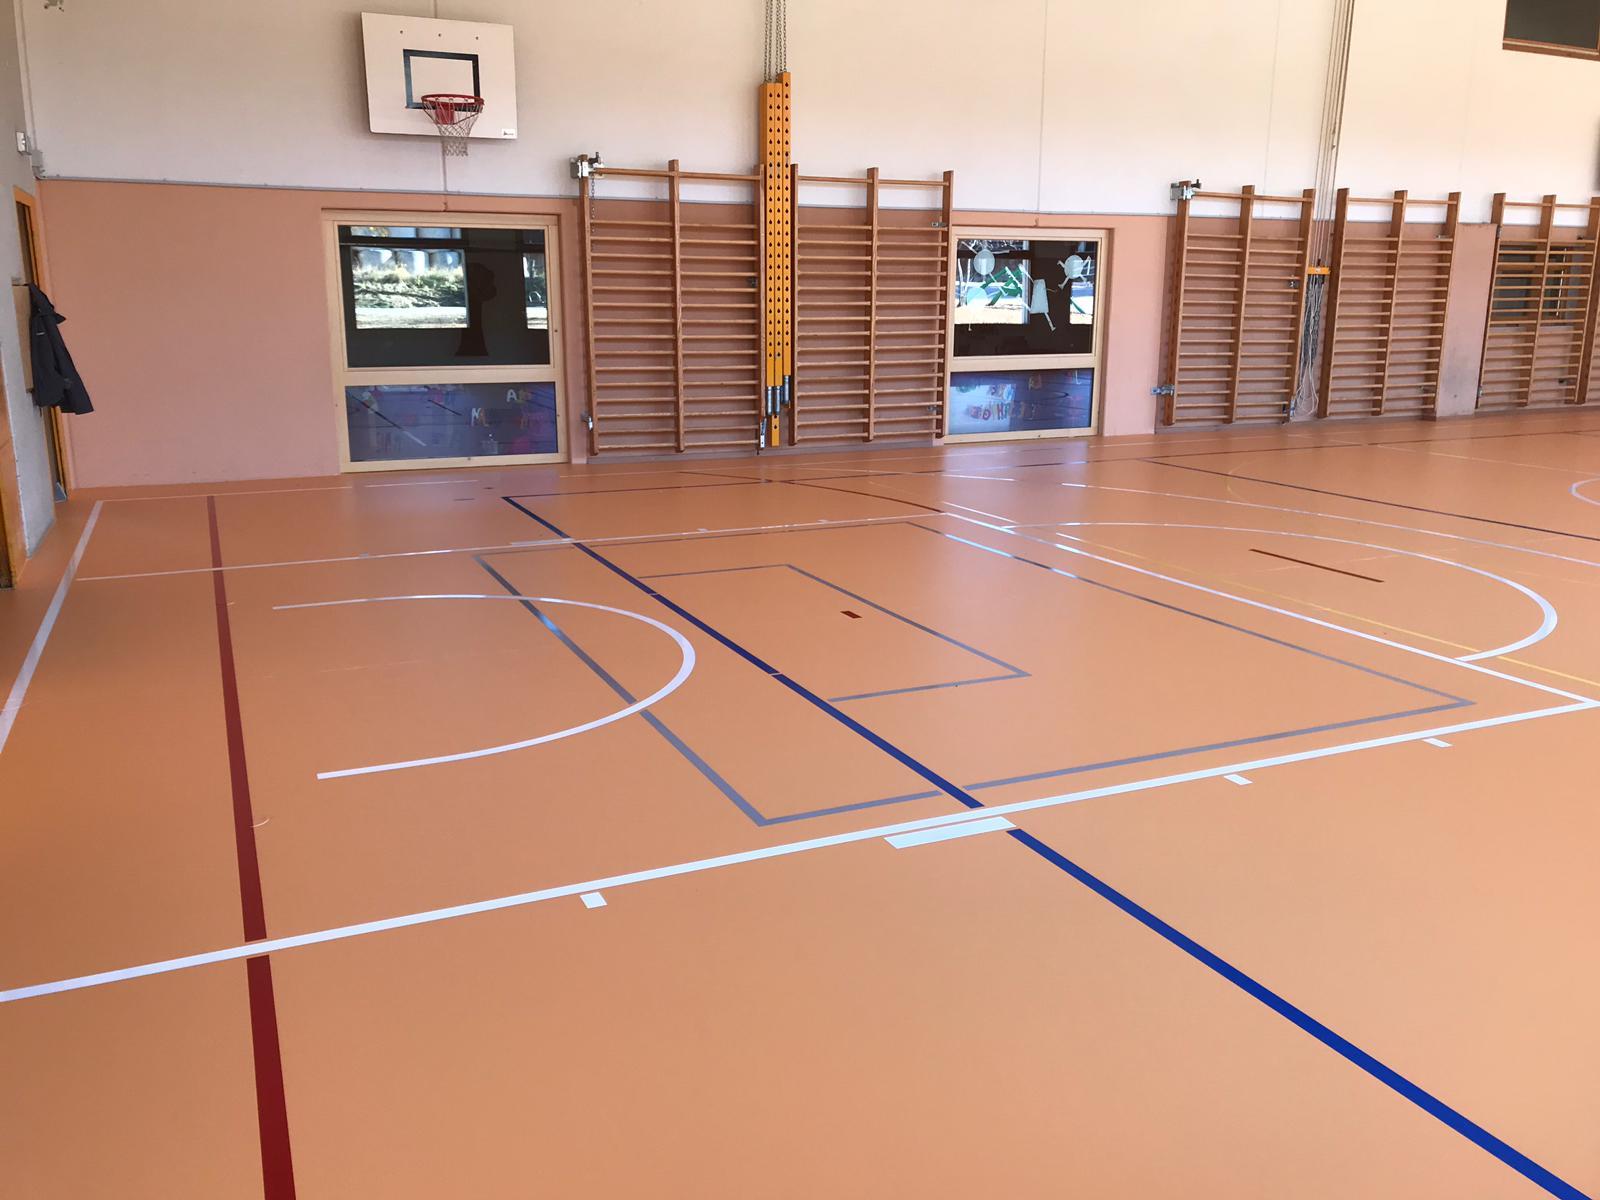 Sol Pour Salle De Sport le vaud - chemin des curtils - ancienne salle | realsport